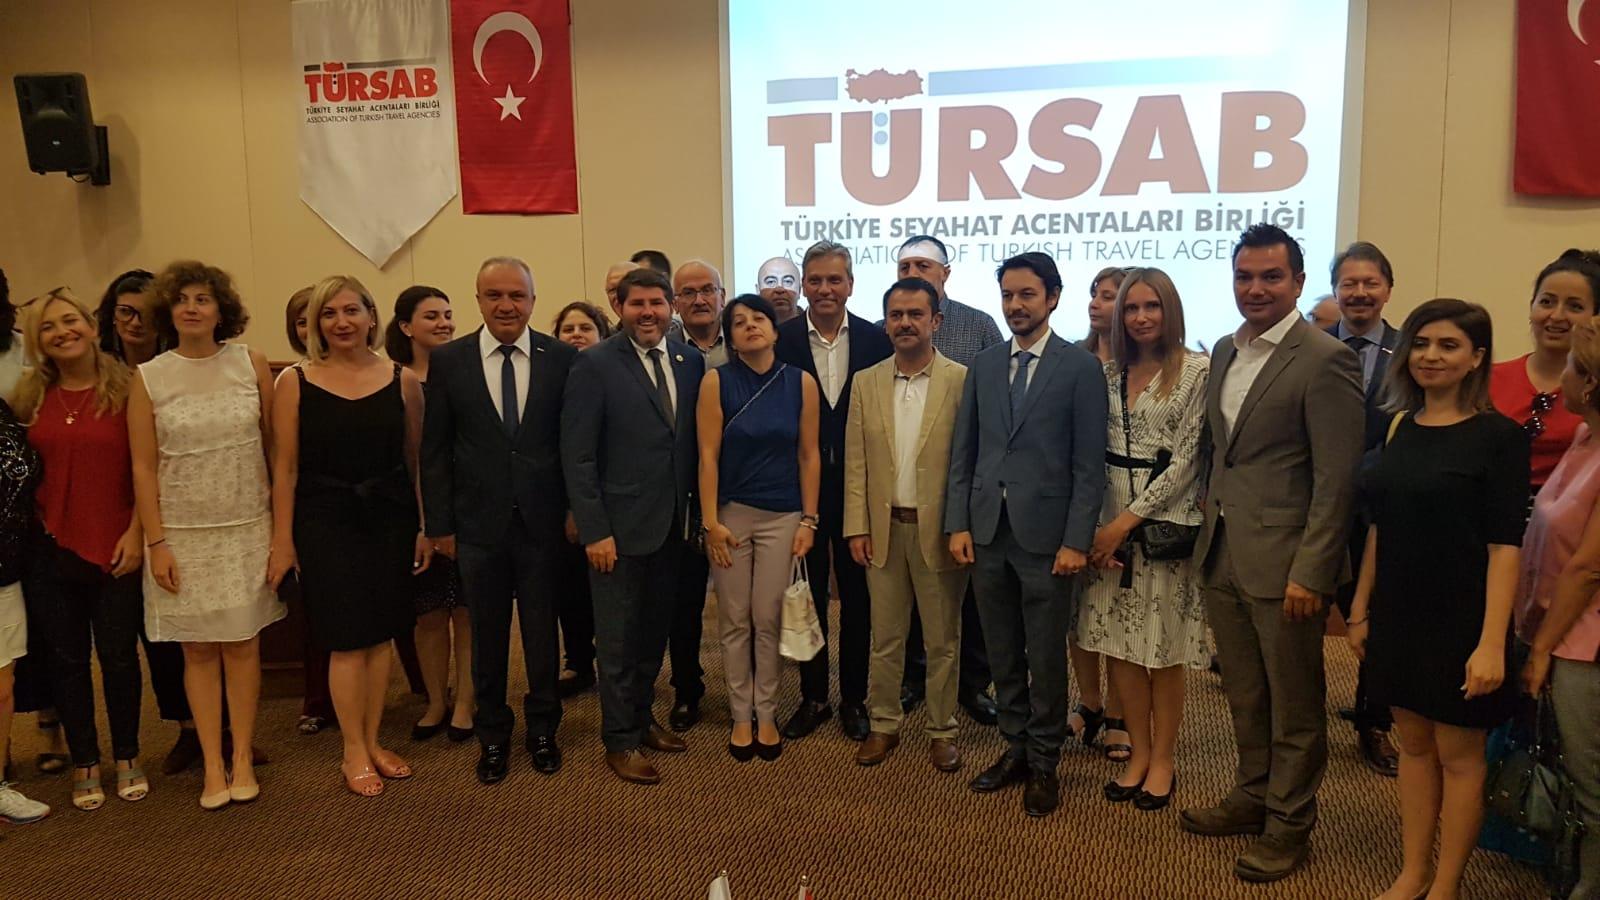 Gürcü Seyahat Acentaları ile Ürgüp'te Toplantı